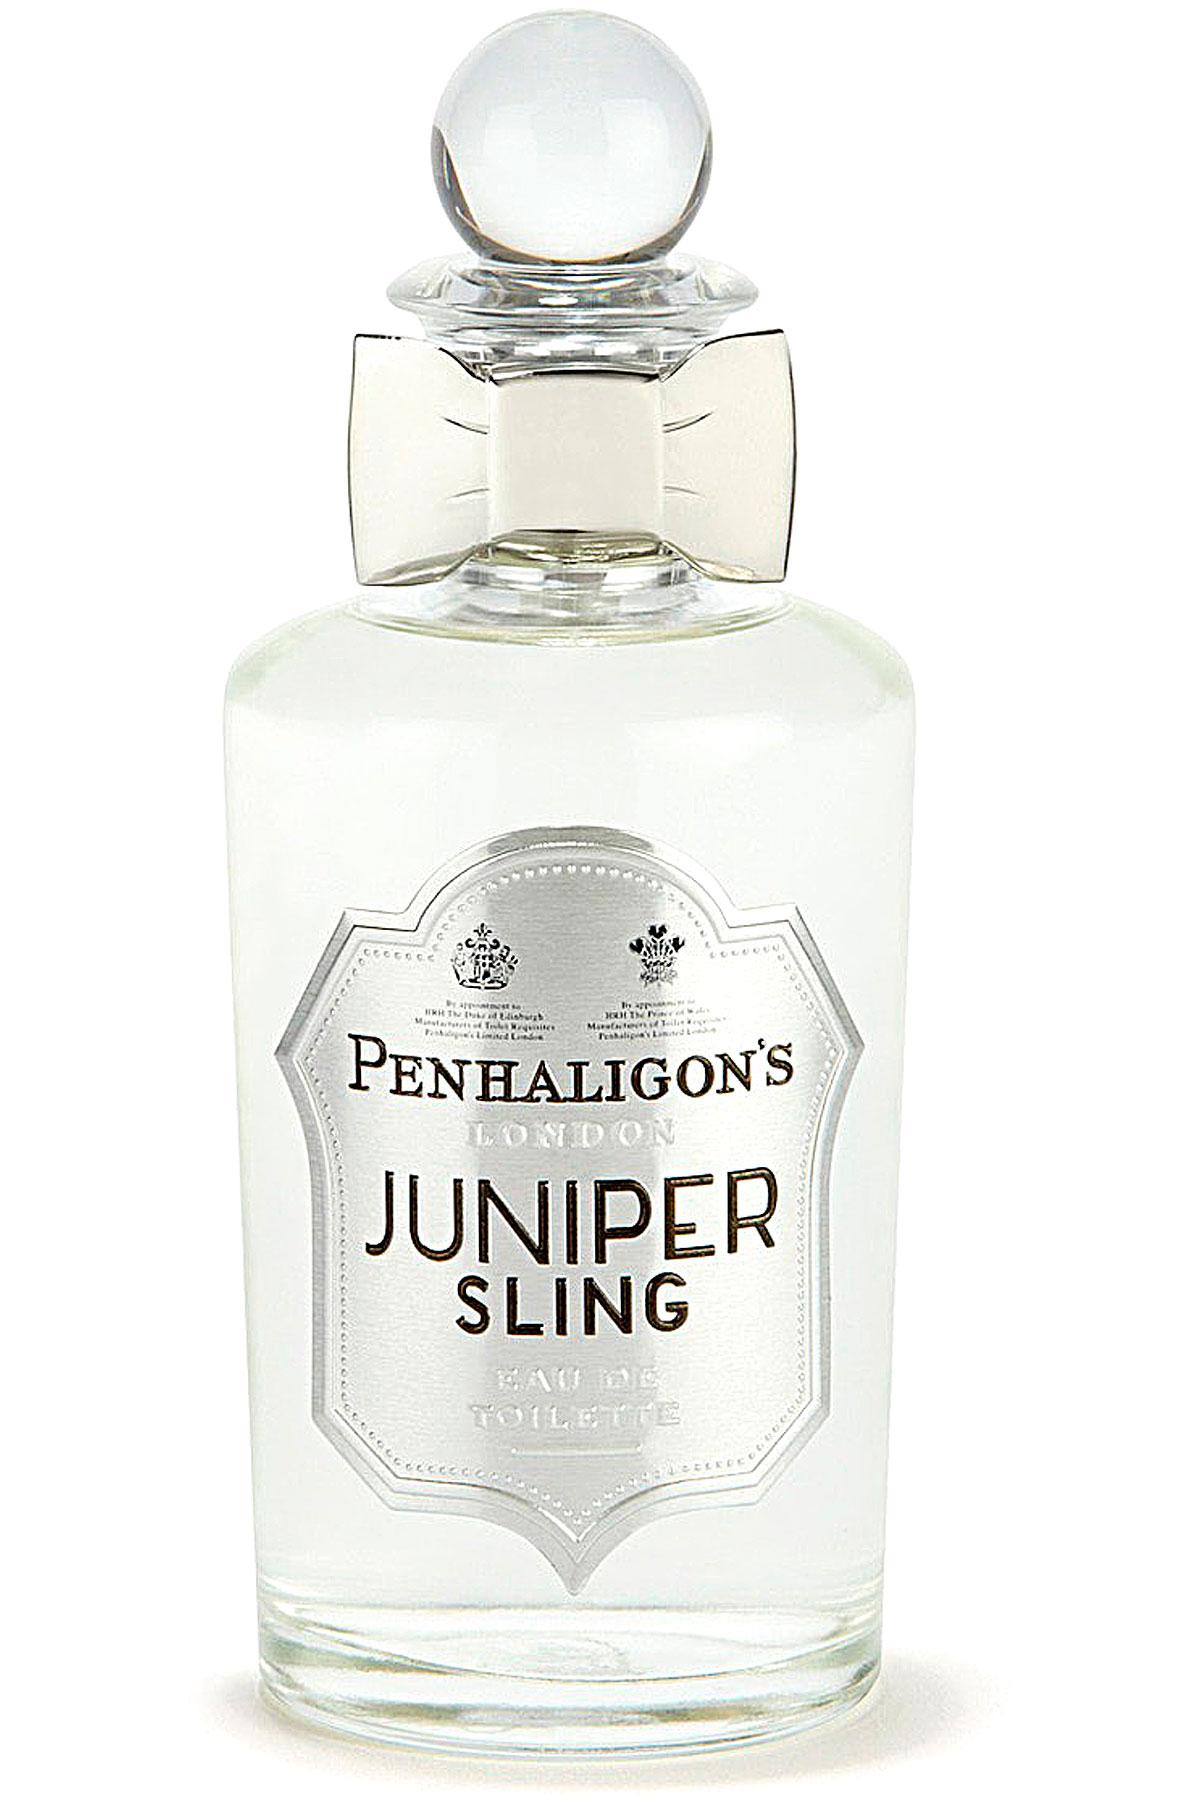 Penhaligon s London Fragrances for Men, Juniper Sling - Eau De Toilette - 50-100 Ml, 2019, 100 ml 50 ml